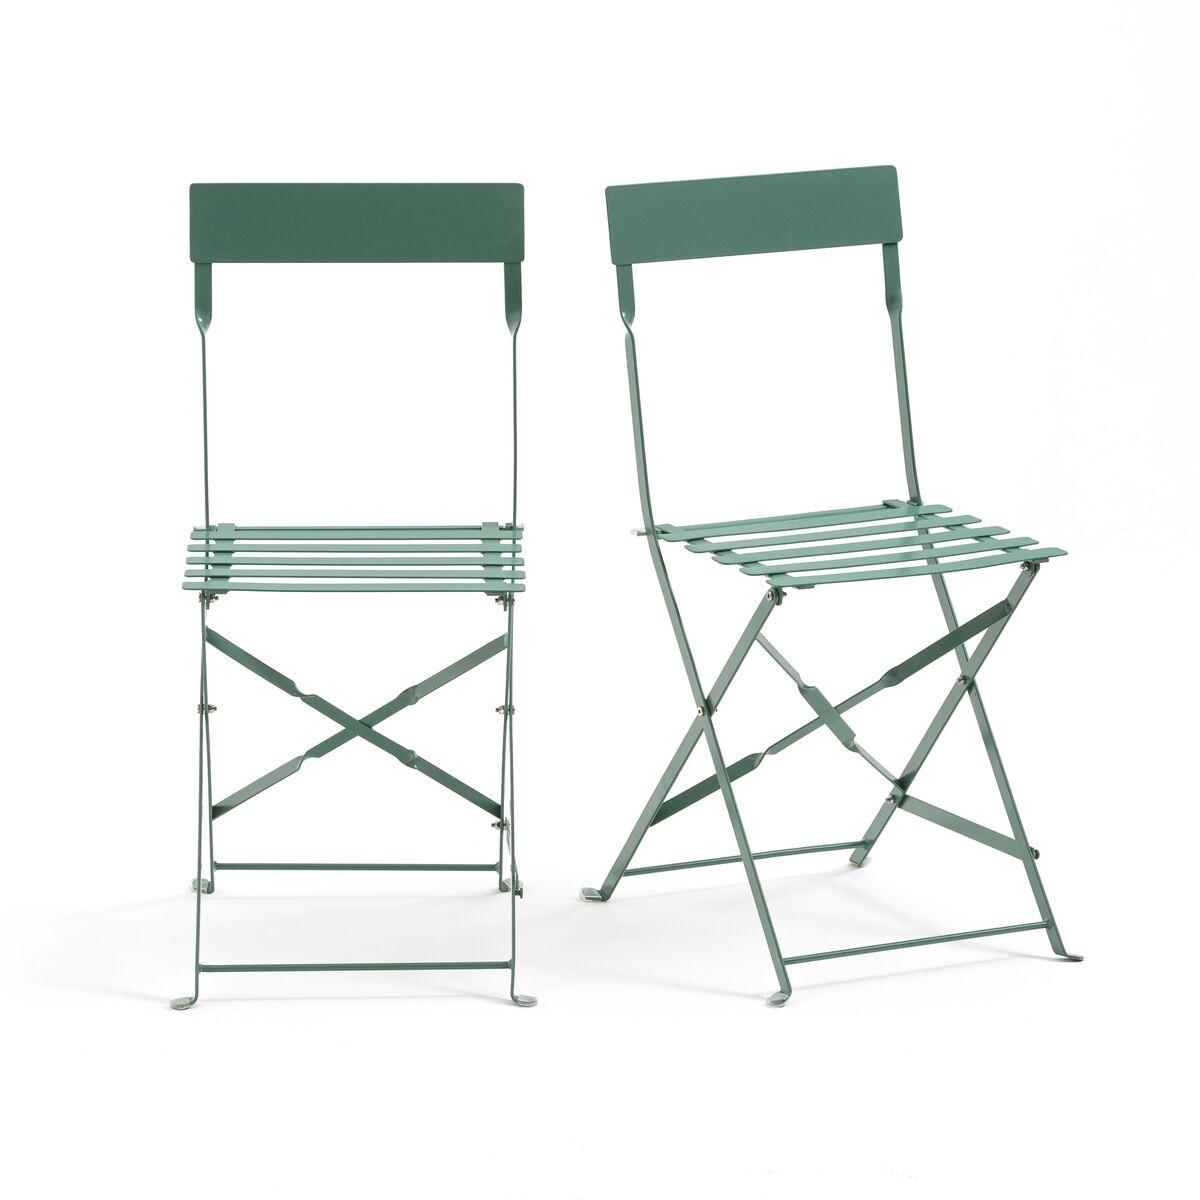 LA REDOUTE INTERIEURS Chaise pliante métal, OZEVAN (lot de 2)